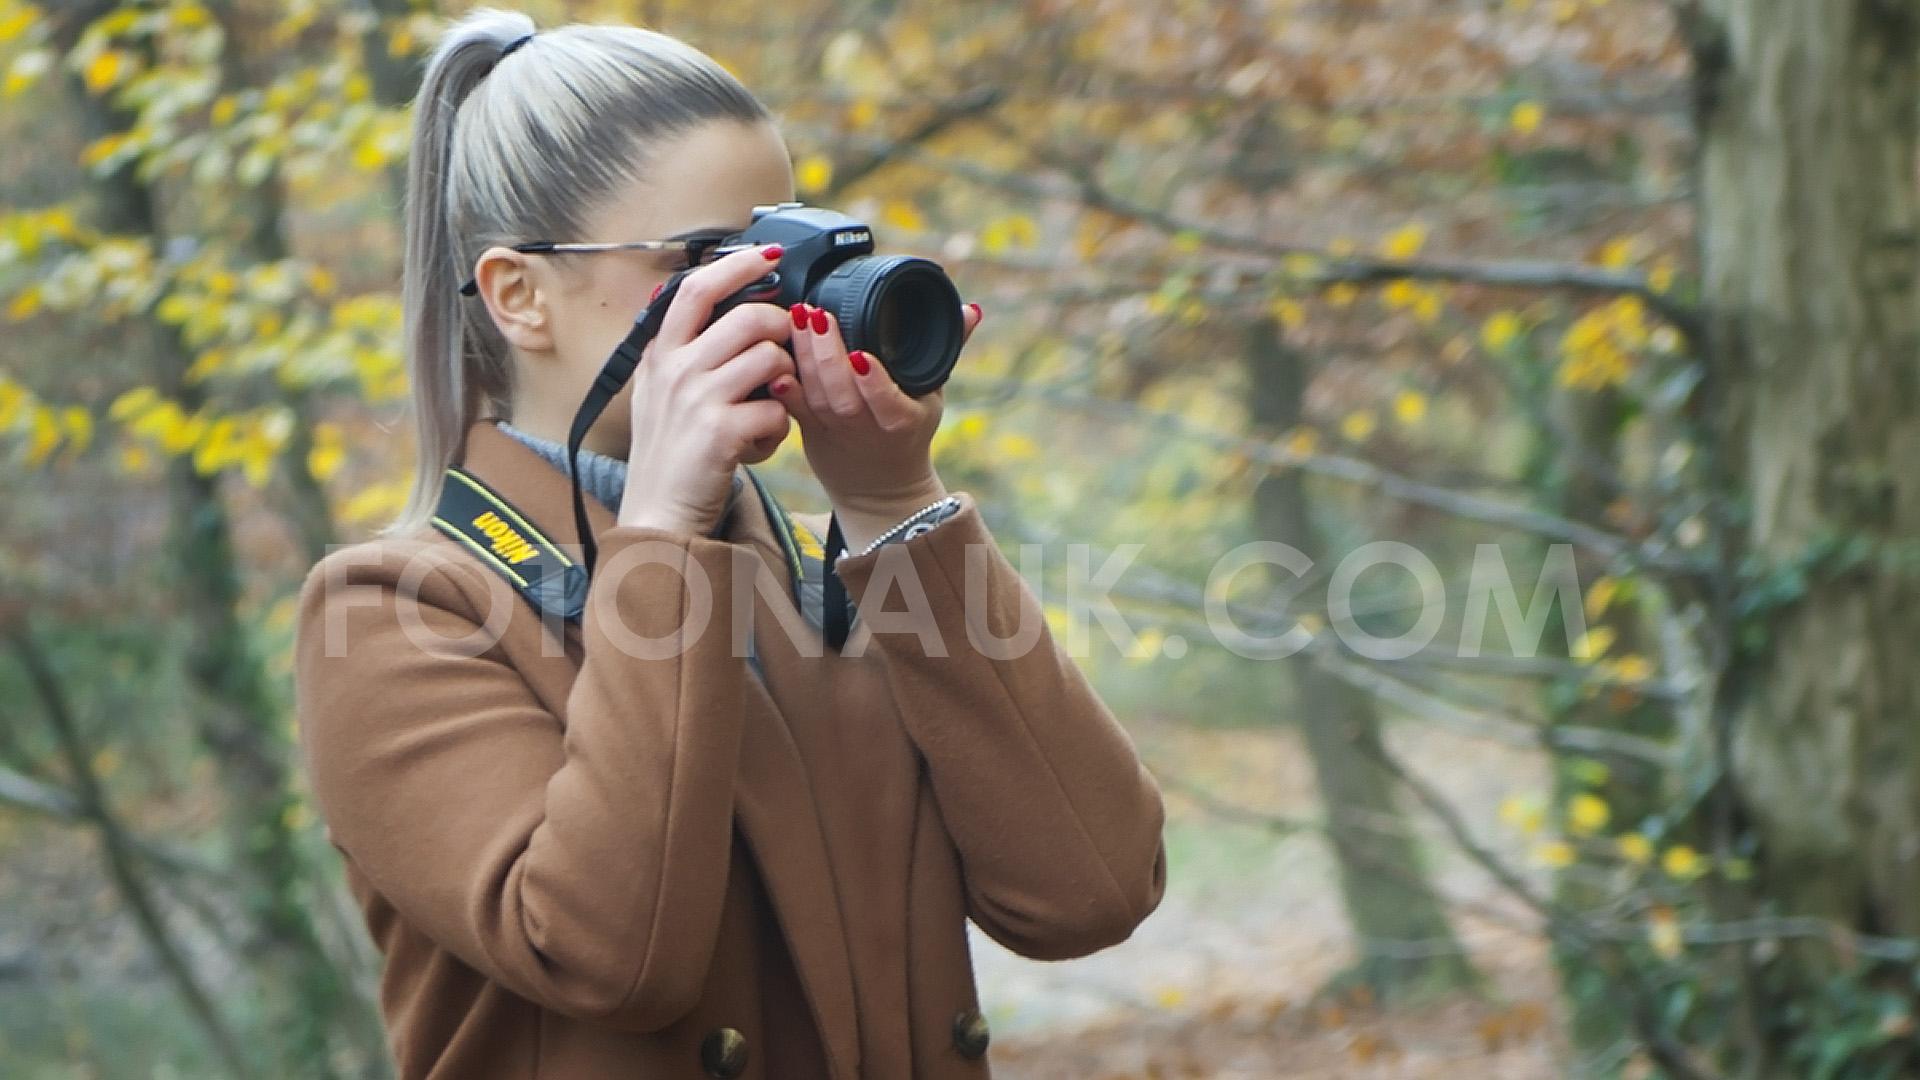 FOTONAUK FOTO RADIONICE